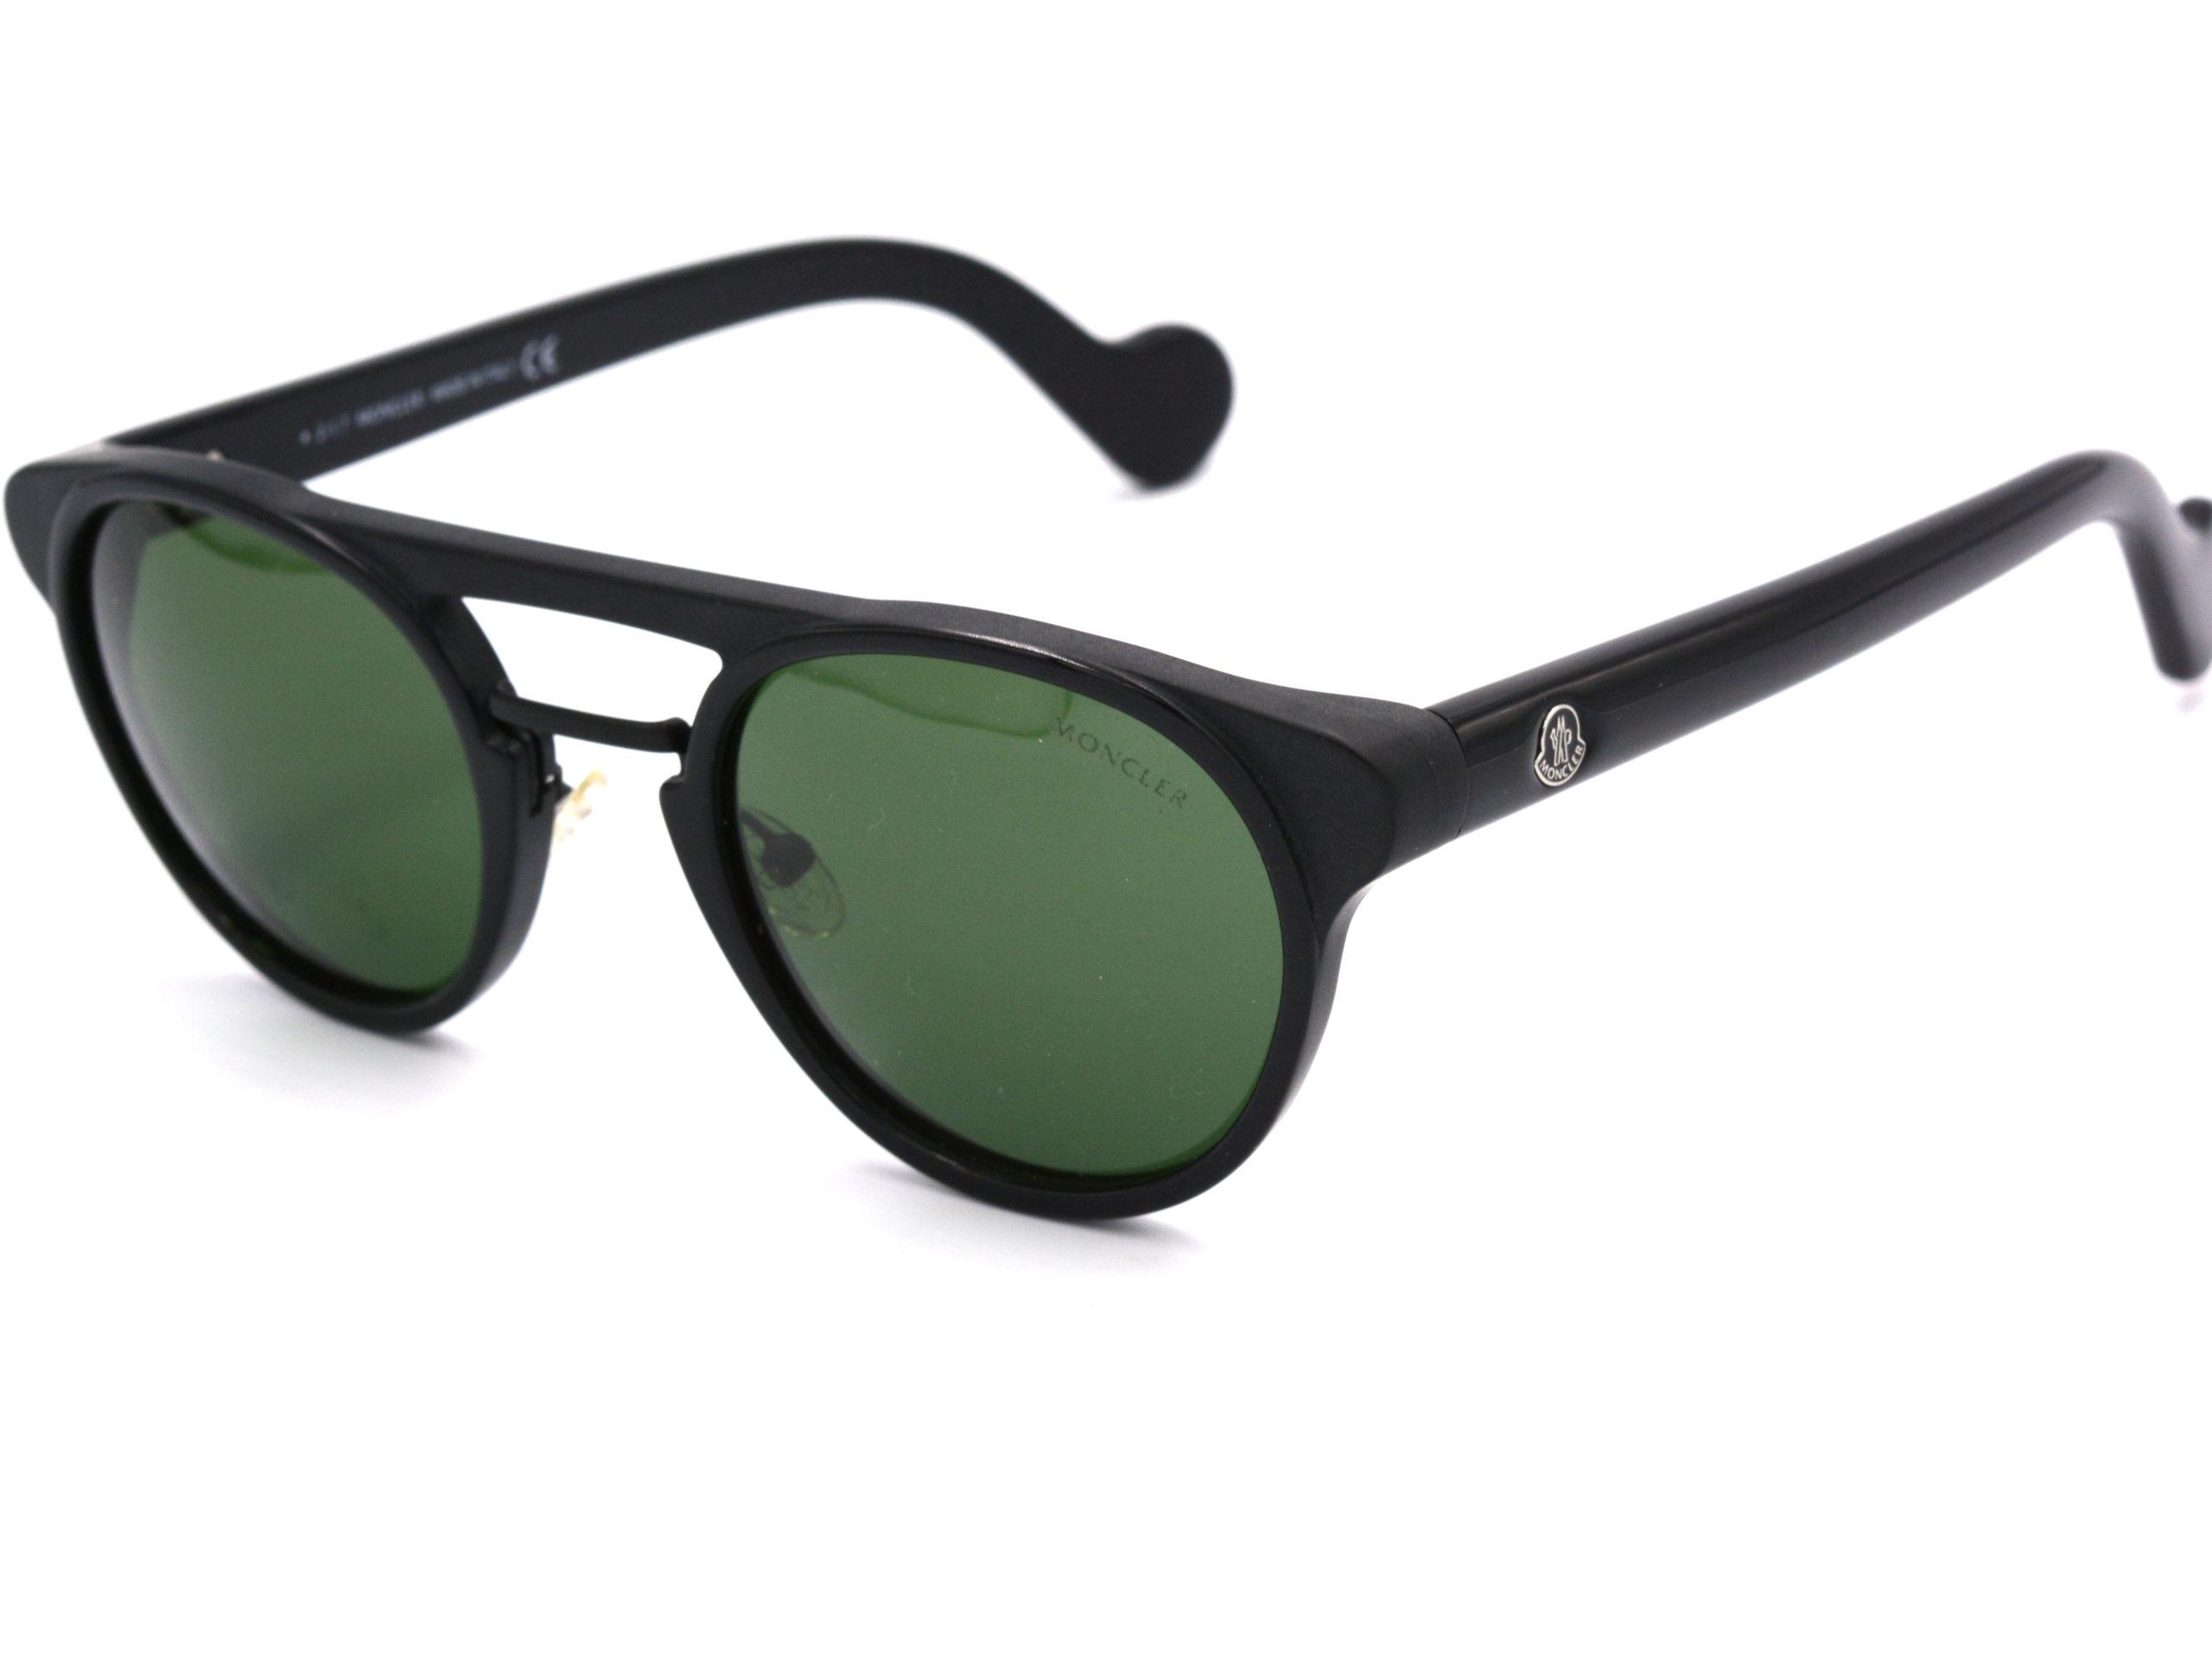 Sunglasses MONCLER ML0019 01N 50-23-145 Unisex 2020